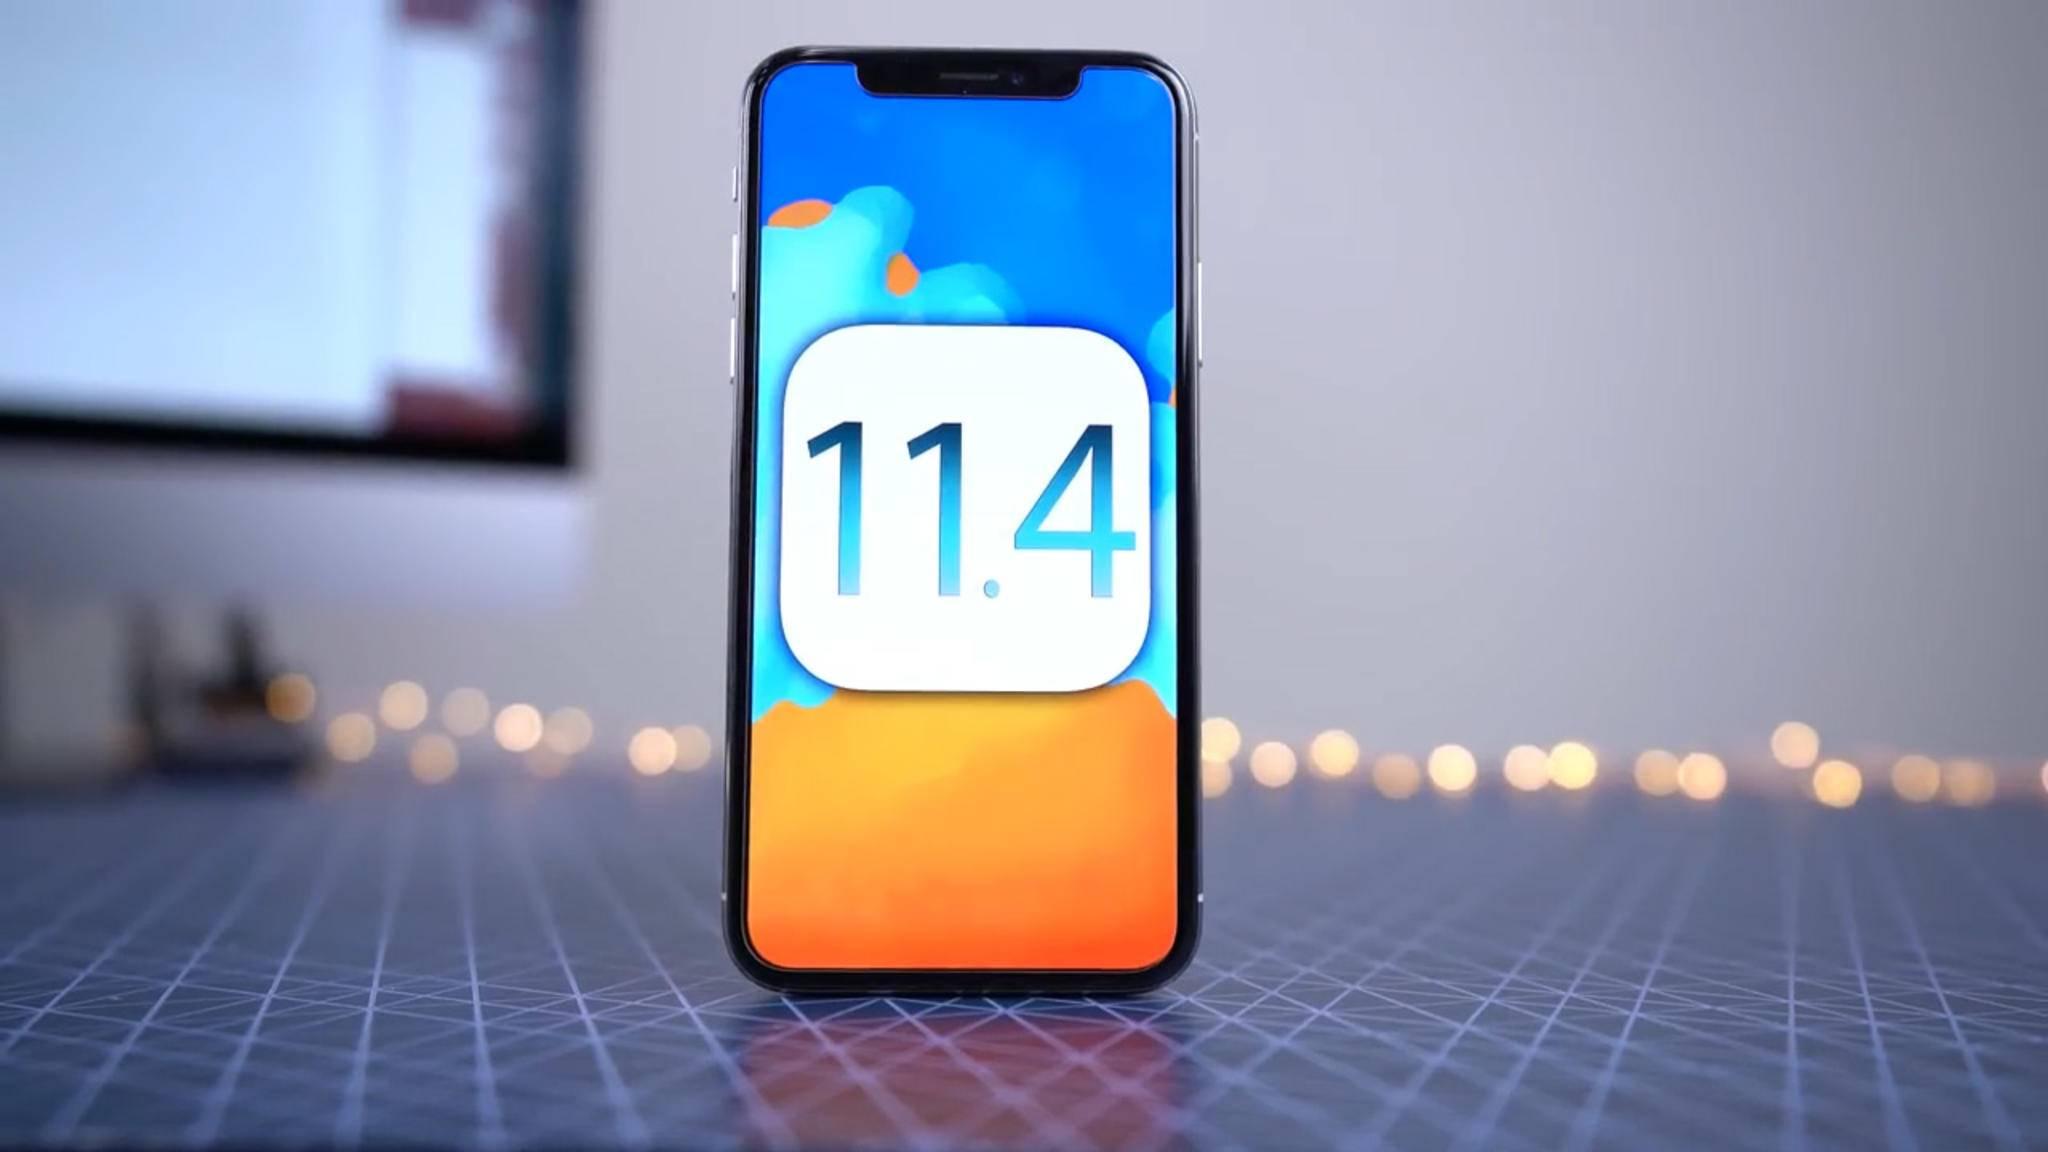 Viele iPhone-Nutzer beschweren sich, dass ihre Akkus unter iOS 11.4 schneller leer sind.